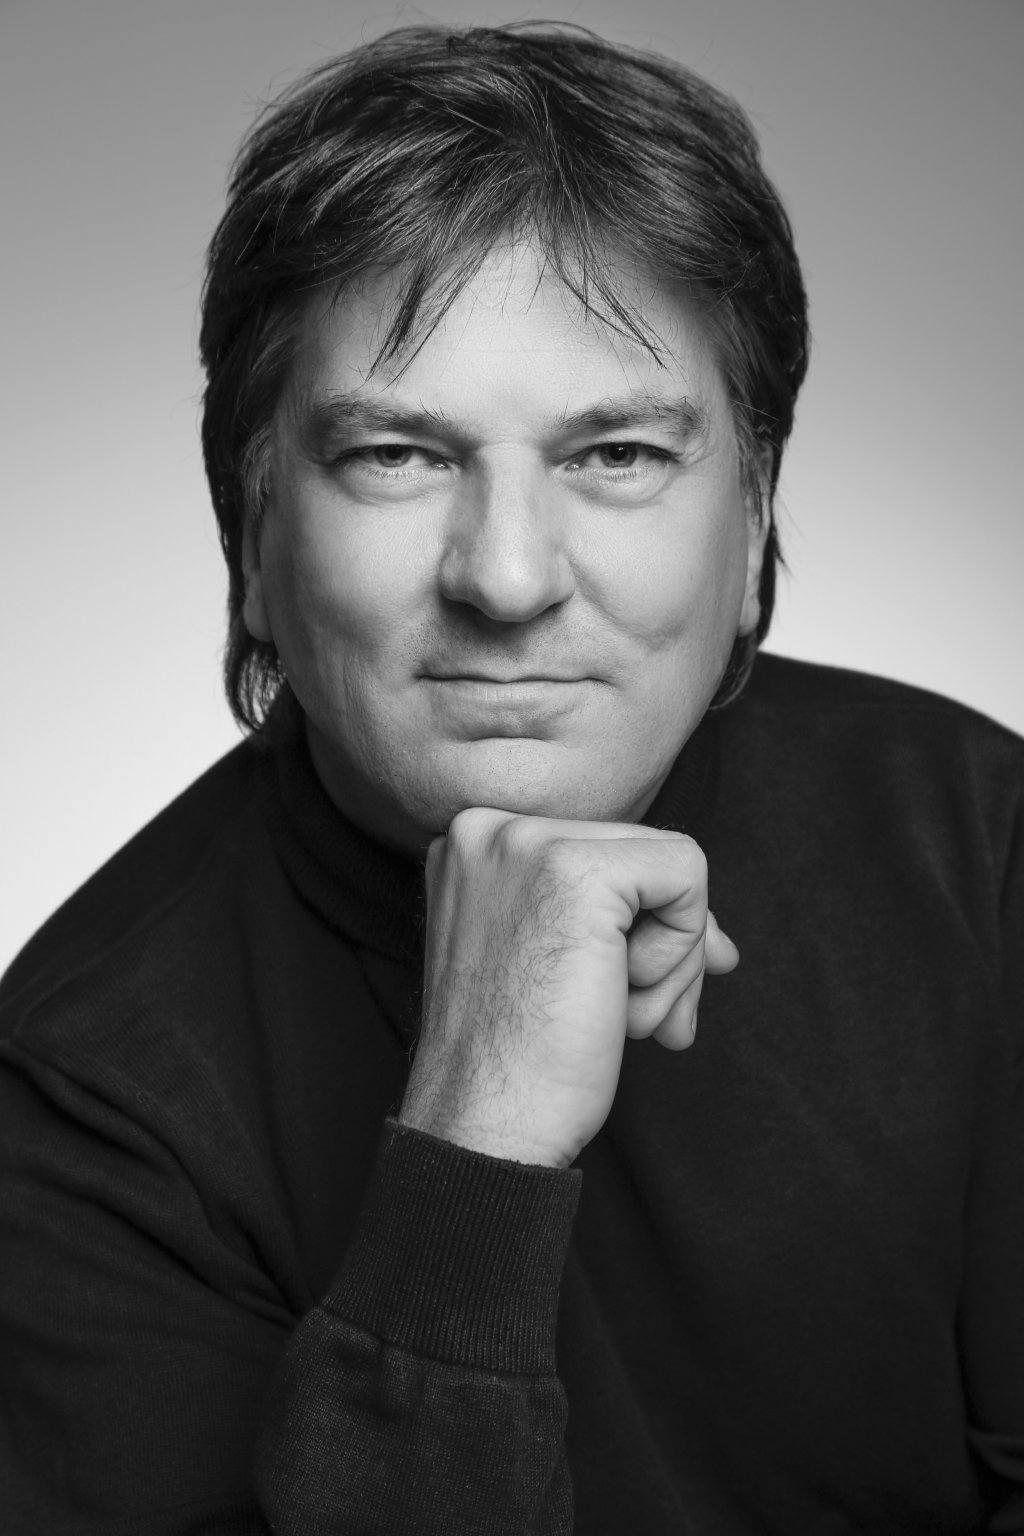 Selbstbewusstsein steigern, Christoph Ulrich Mayer